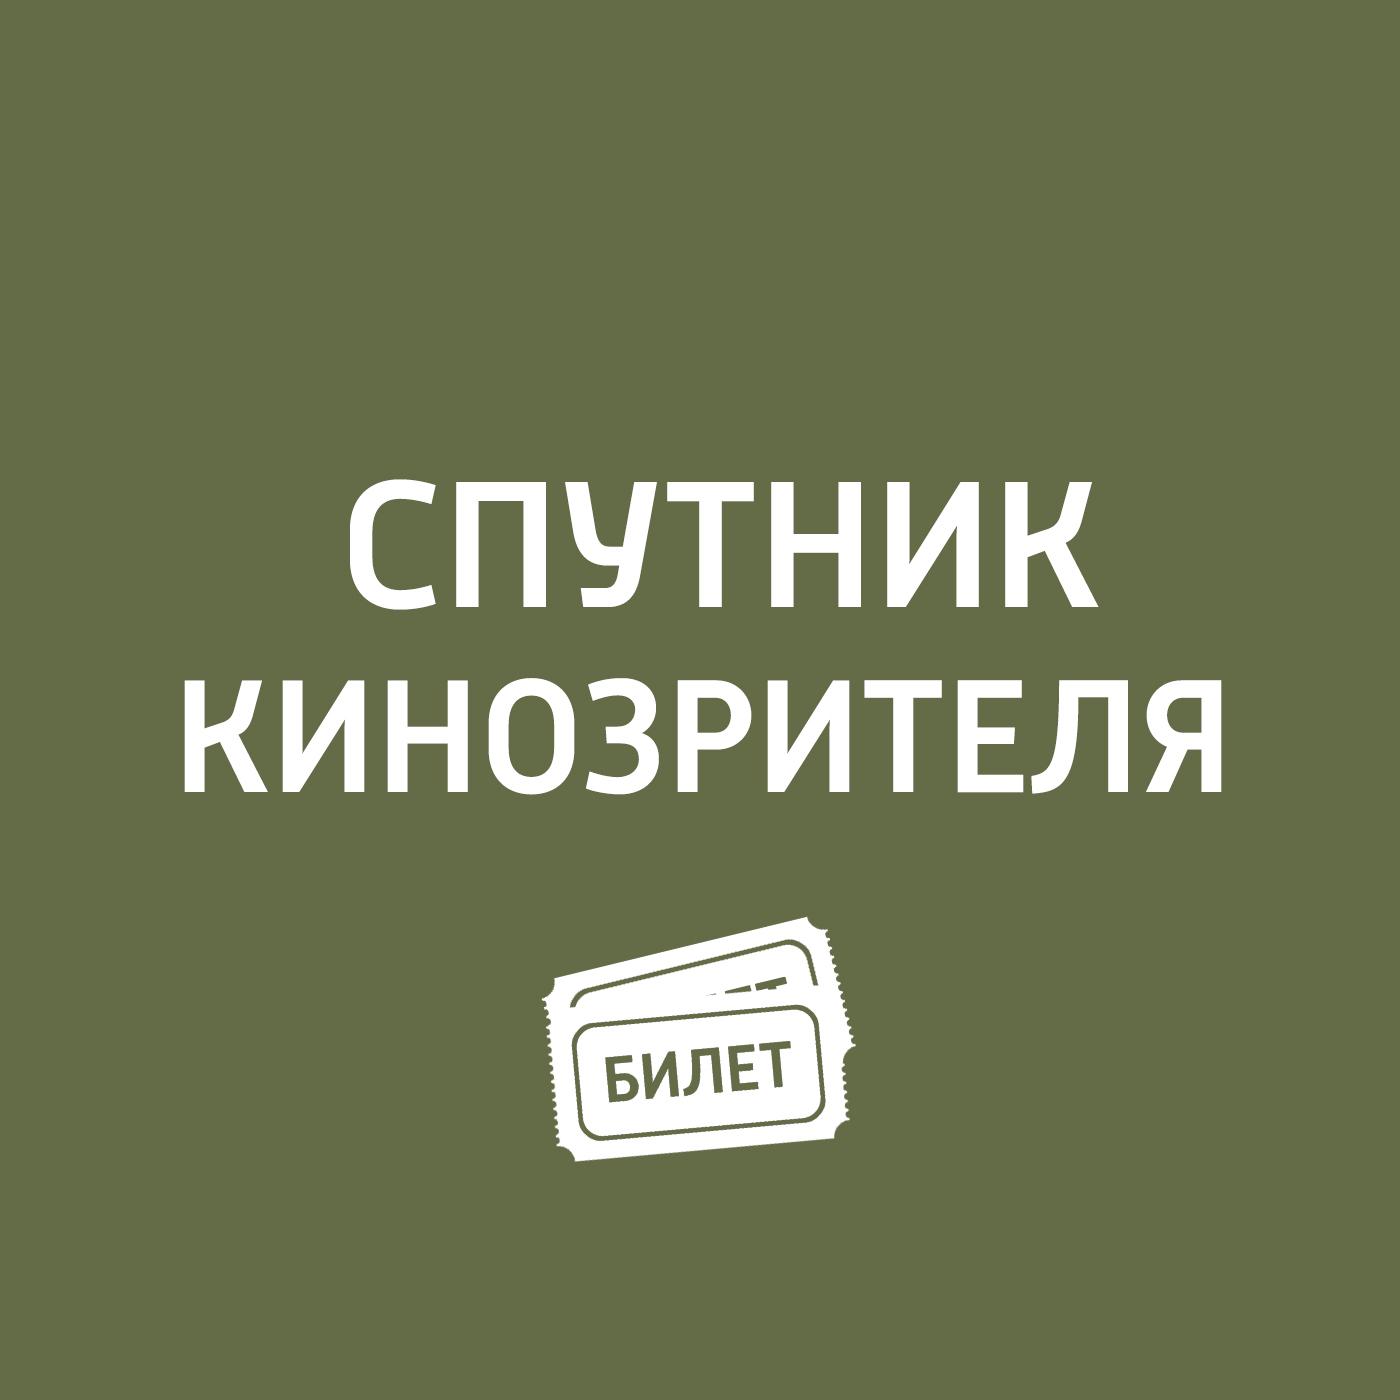 Антон Долин Итоги Берлинале-2018 антон долин об итогах берлинале 2017